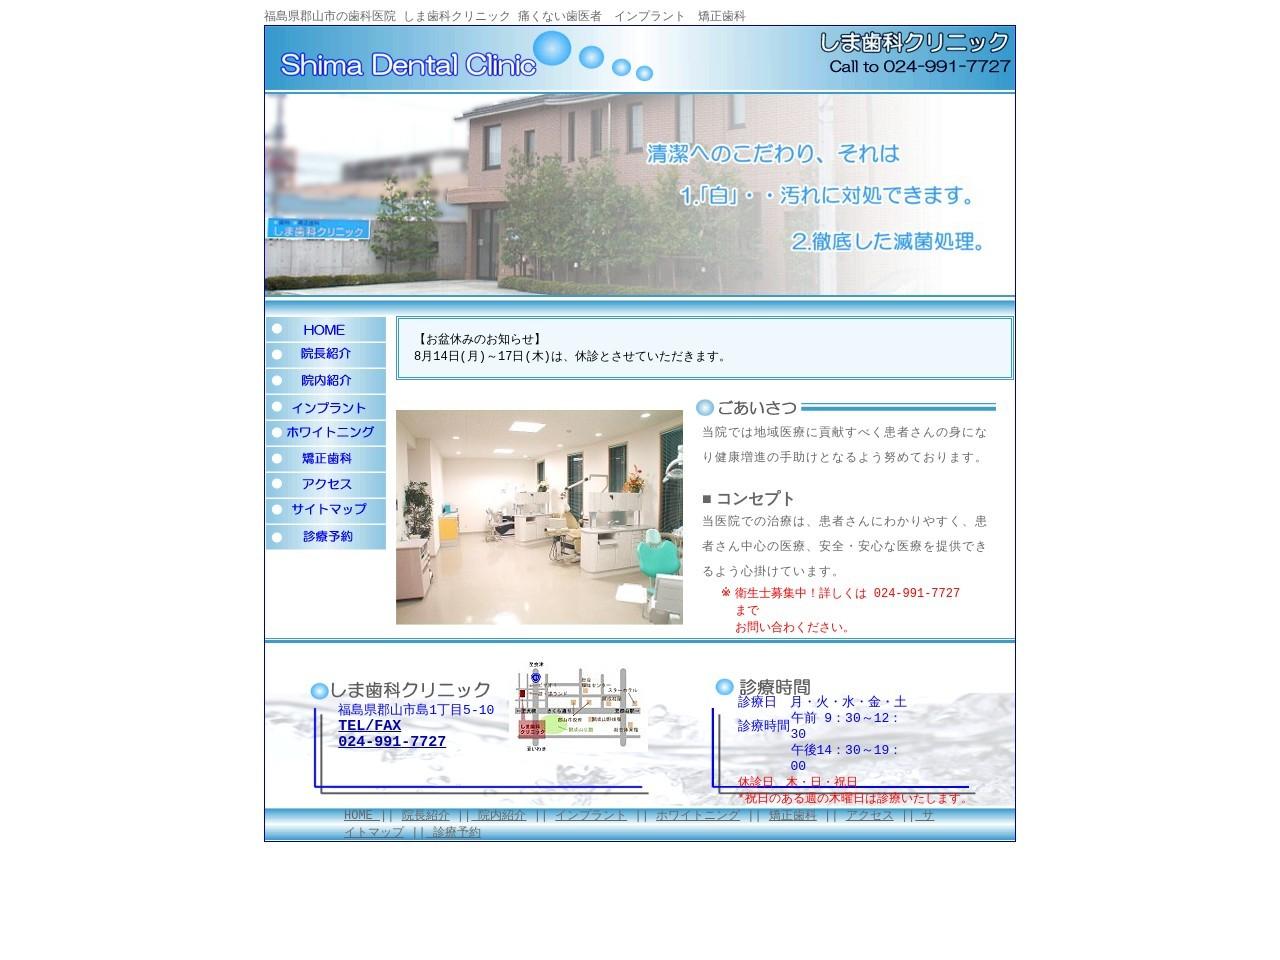 しま歯科クリニック (福島県郡山市)